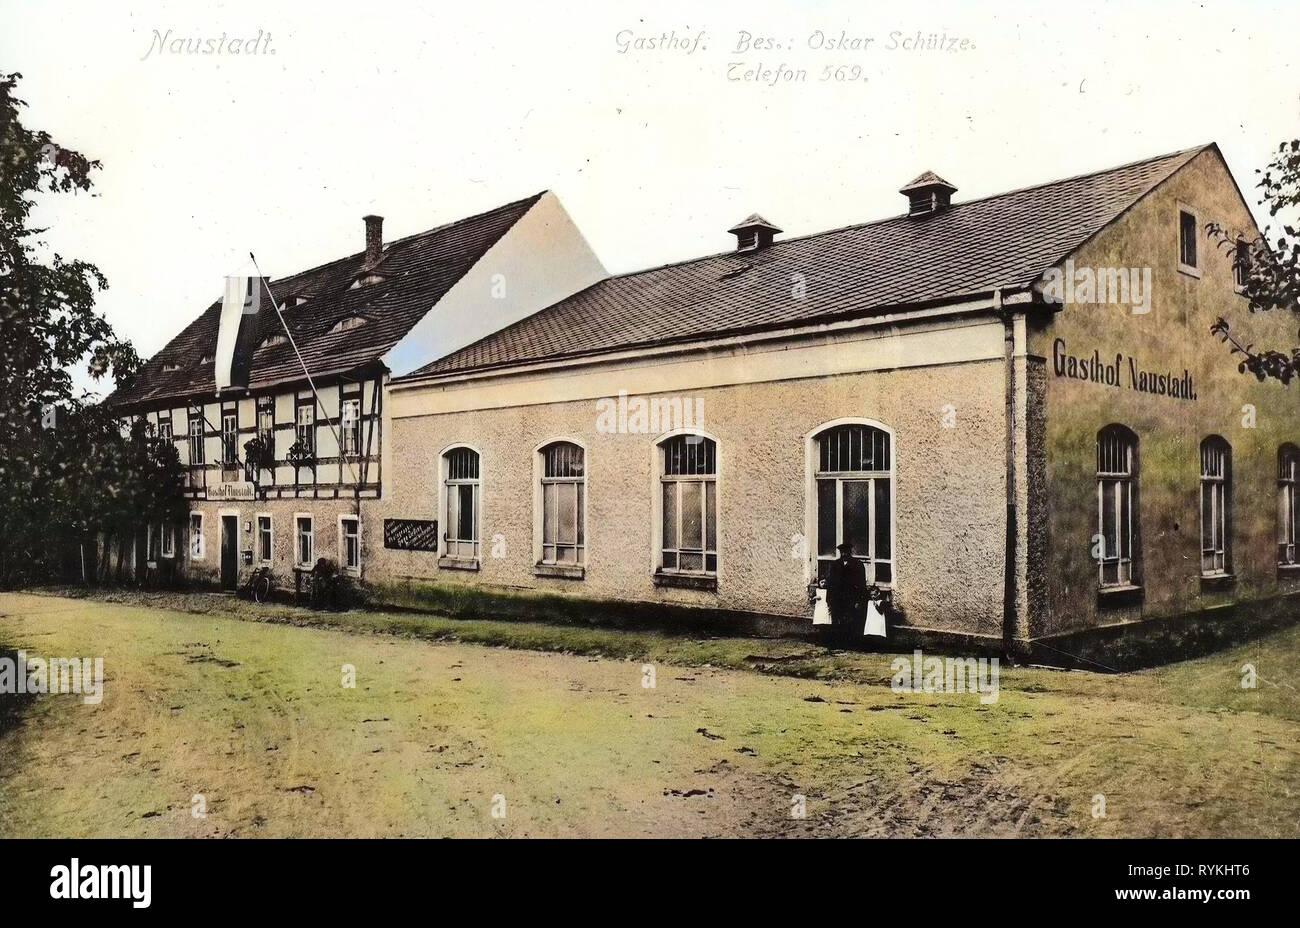 Restaurants in Landkreis Meißen, Klipphausen, 1915, Landkreis Meißen, Naustadt, Gasthof, Besitzer Oskar Schütze, Germany Stock Photo